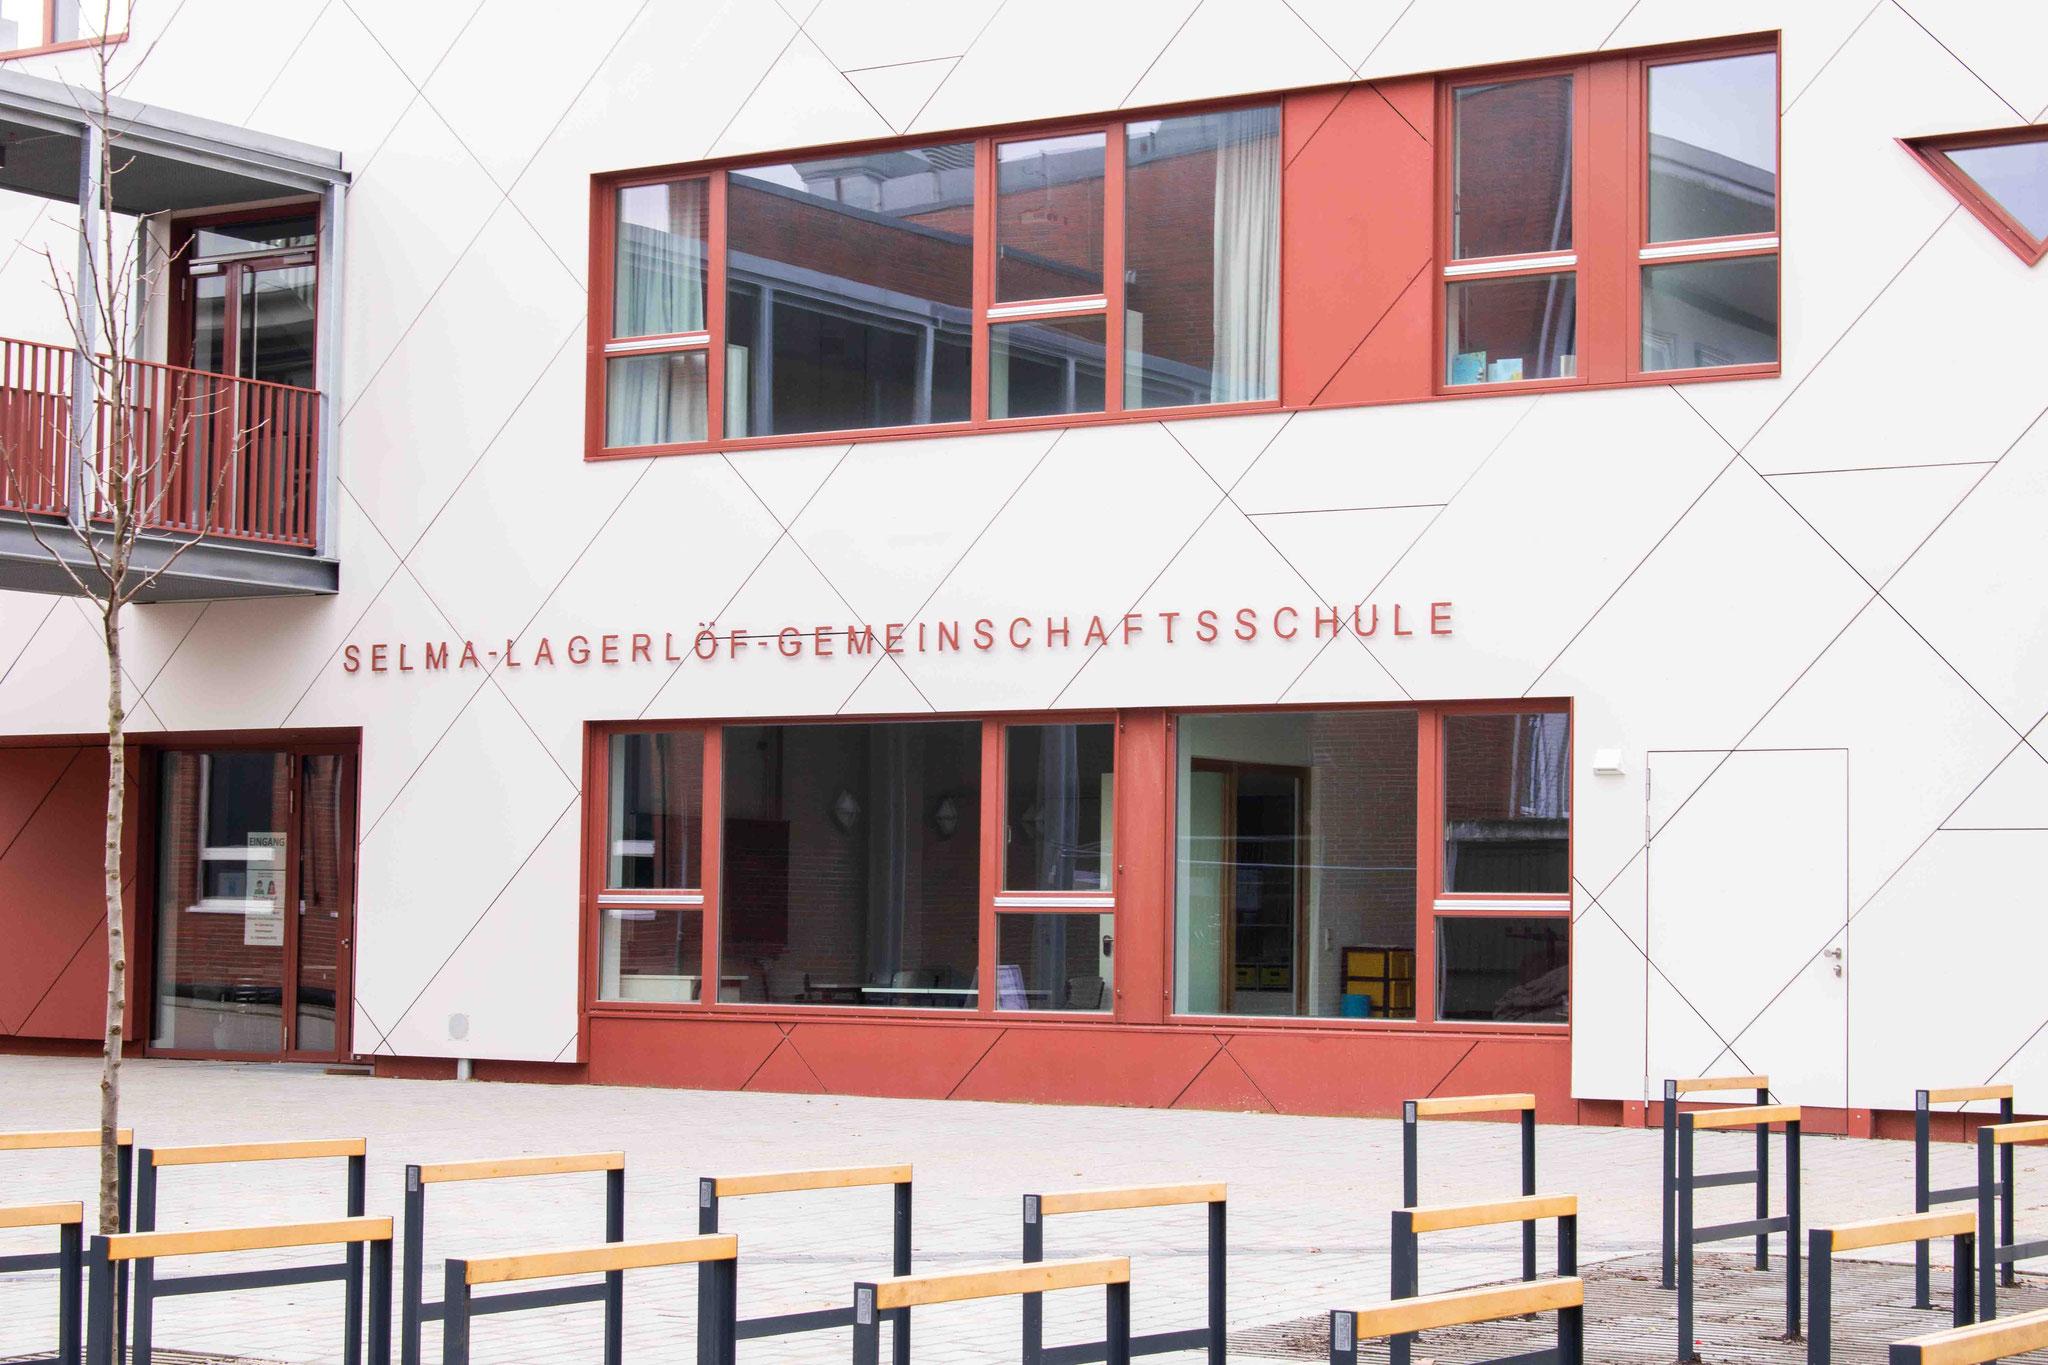 Selma-Lagerlöf-Gemeinschaftsschule